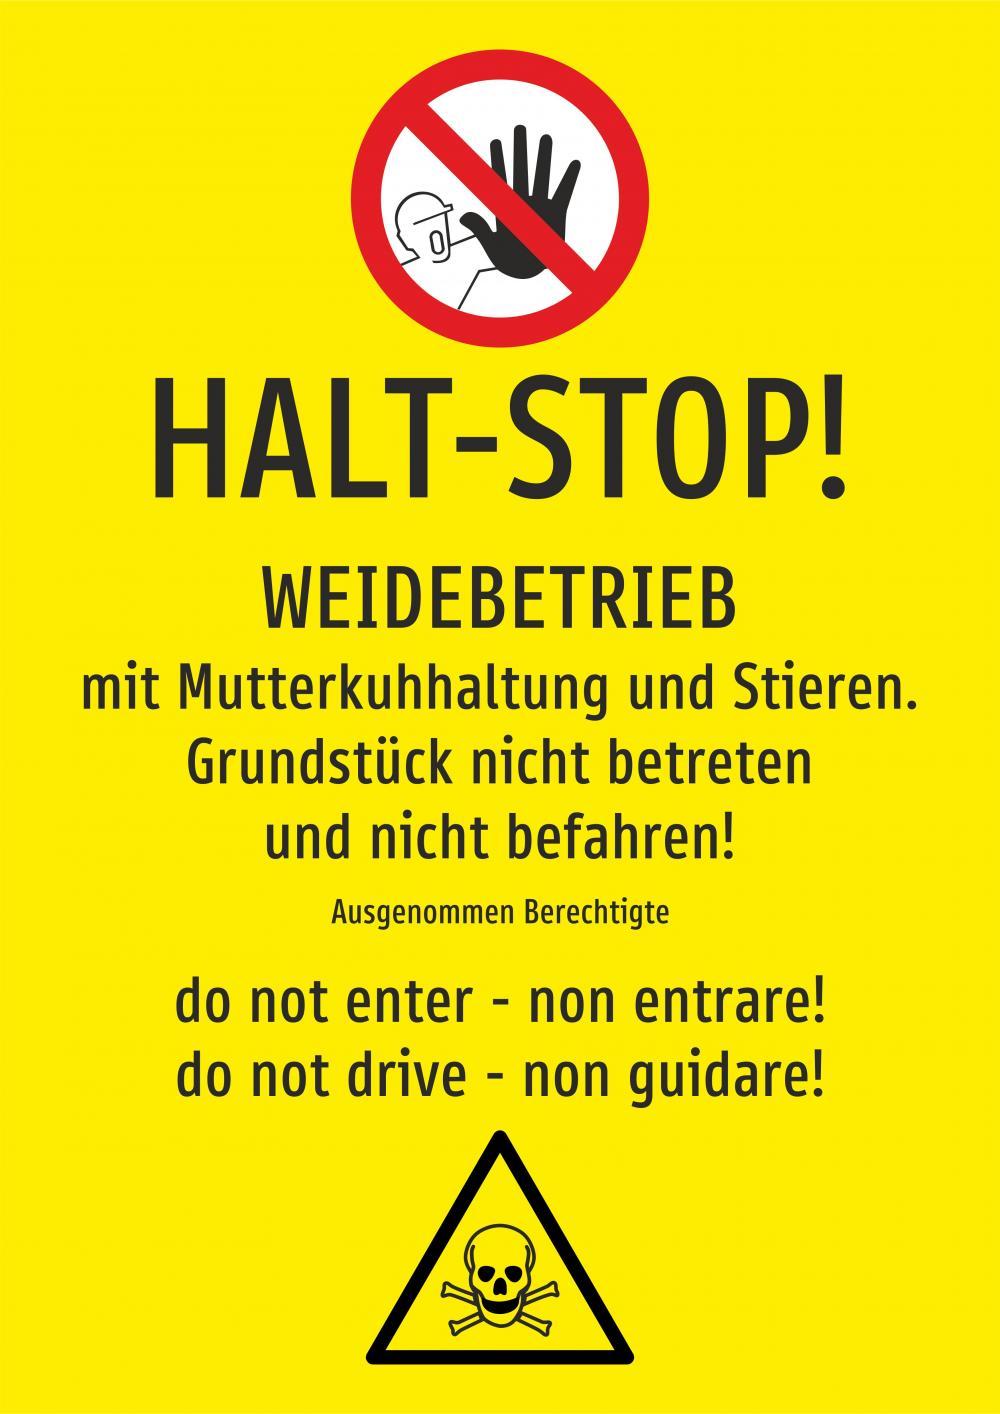 Weidebetrieb - HALT-STOP! Grundstück nicht betreten und nicht befahren!